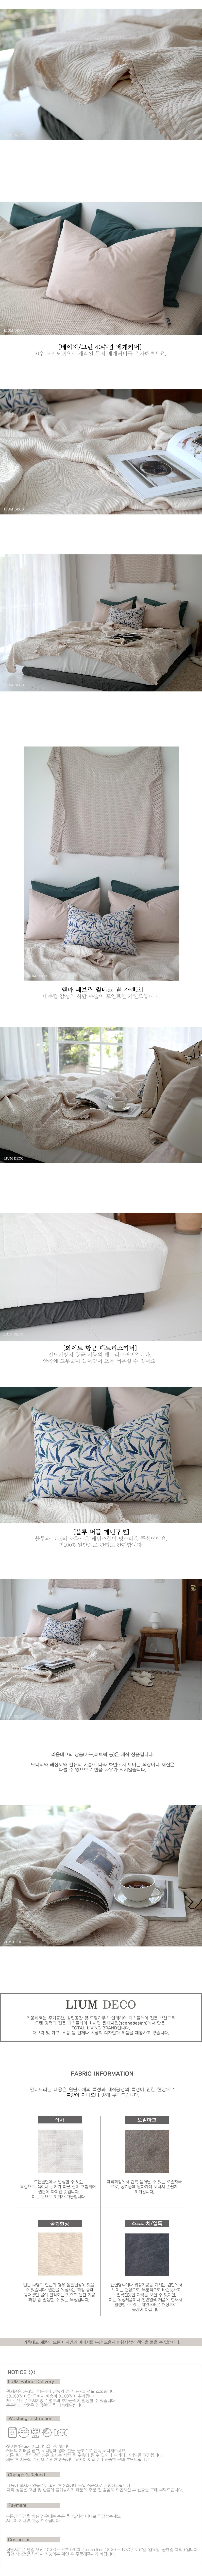 헤이즐 베이지 풍기인견 여름이불 - 리움데코, 119,500원, 침구 단품, 홑이불